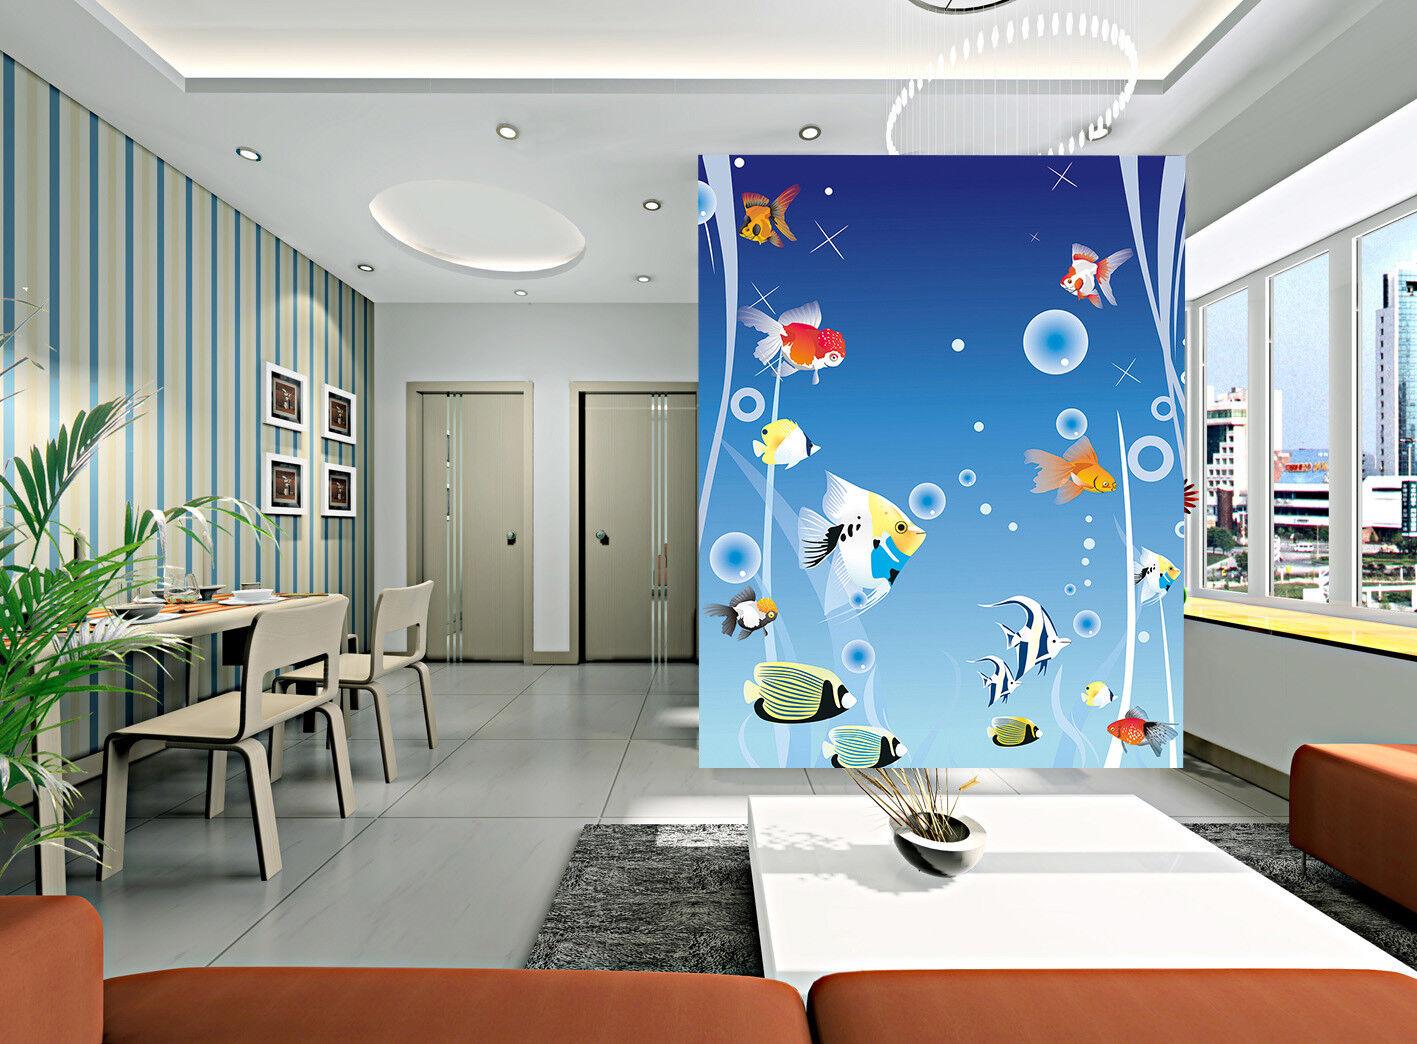 3D Ozean Fisch Helles 89 Tapete Wandgemälde Tapete Tapeten Bild Familie DE Jenny | Online Outlet Store  | Hohe Qualität  |